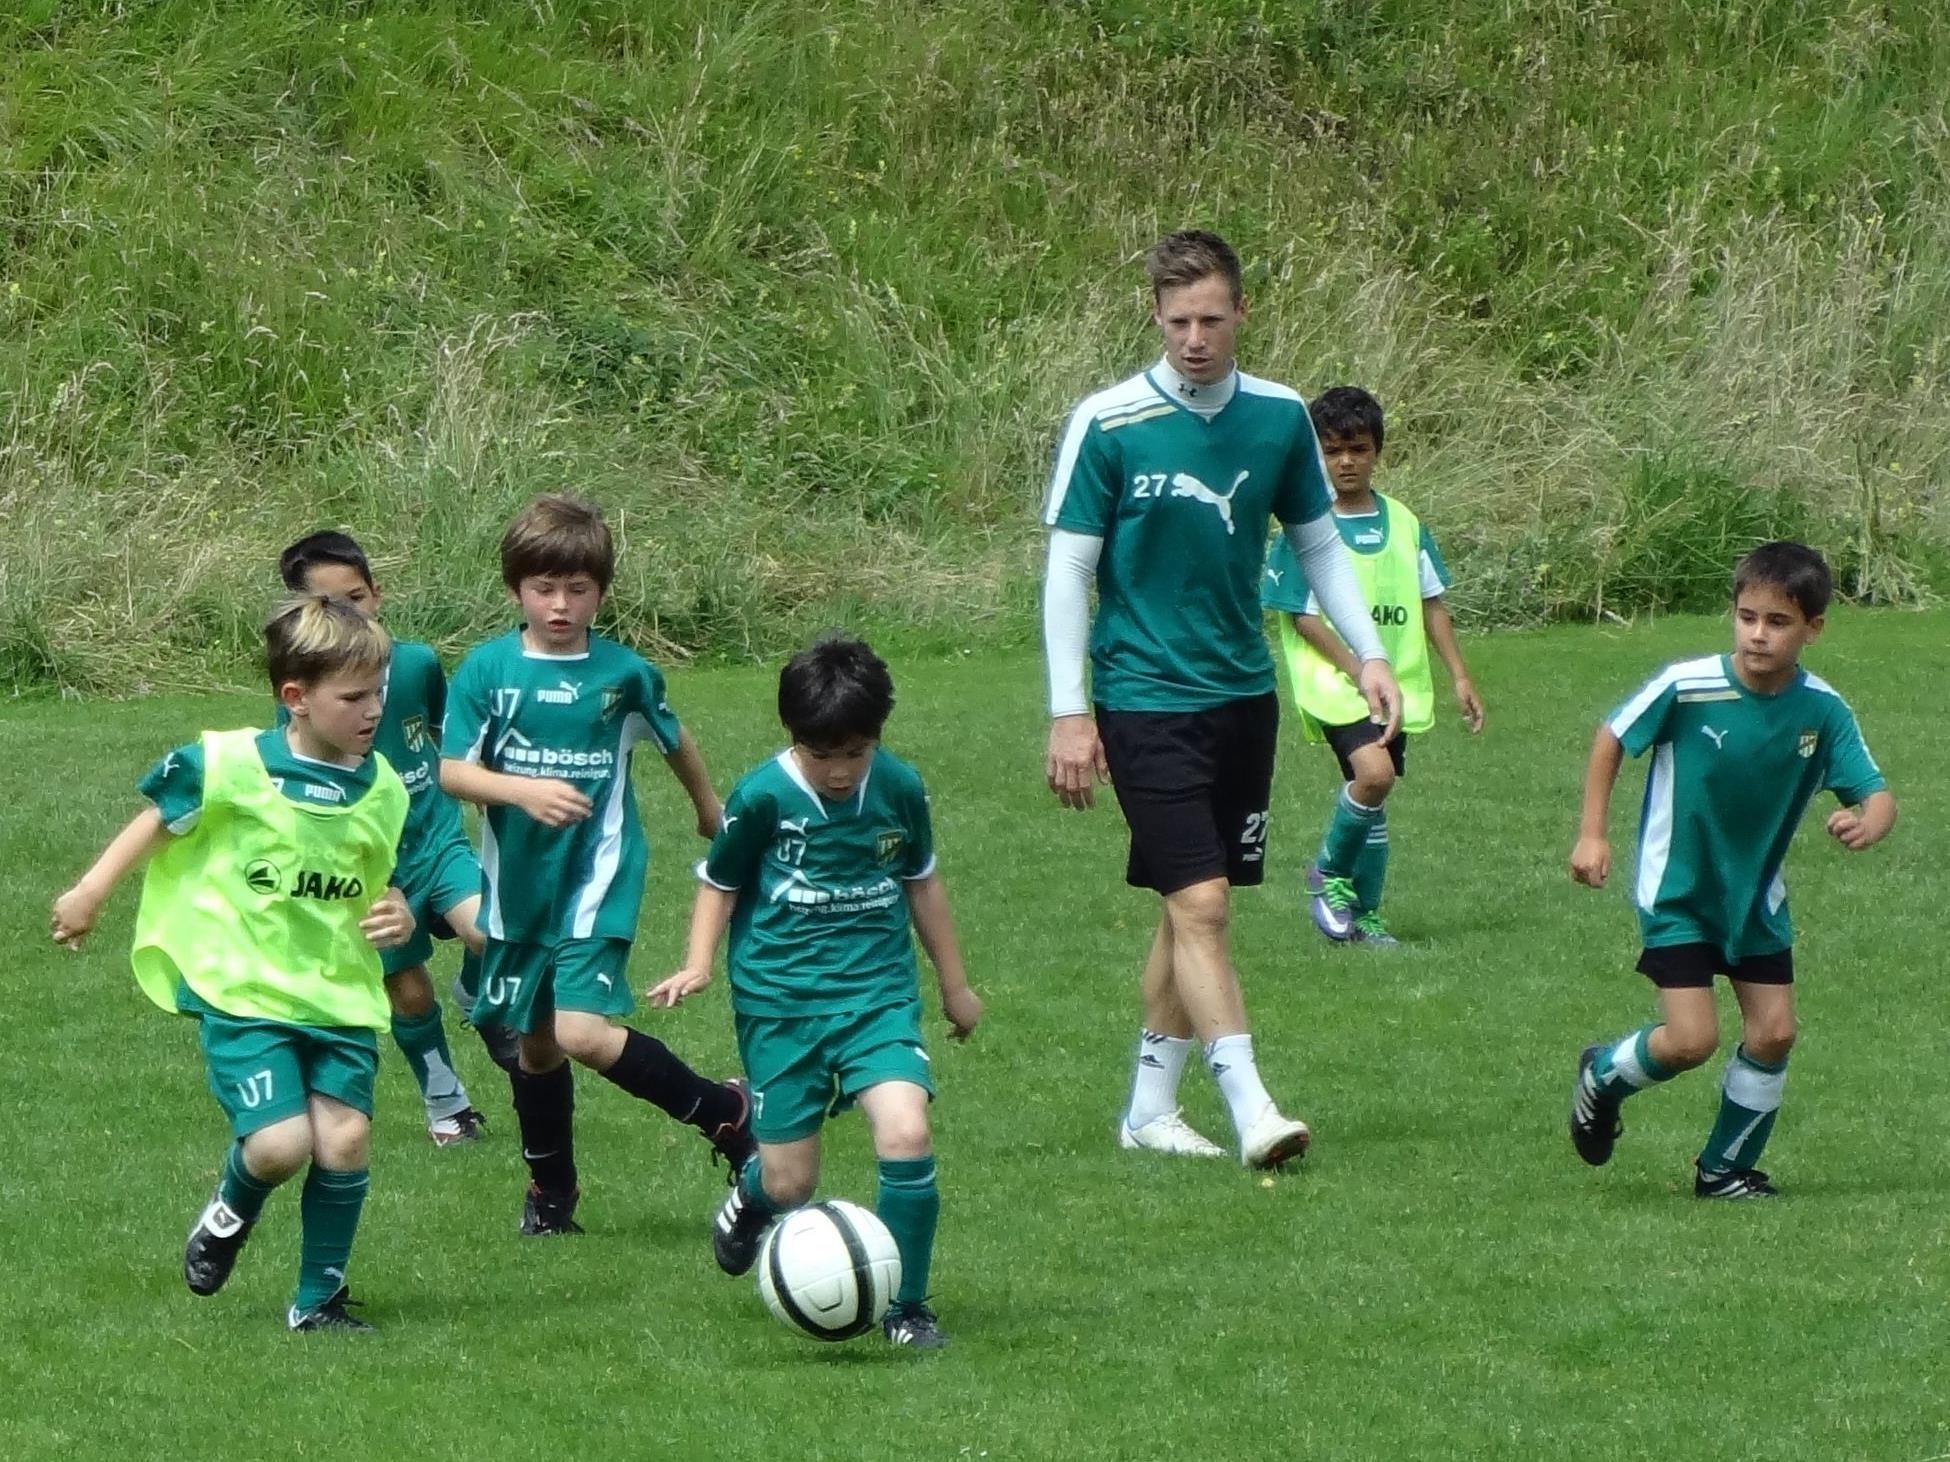 Marco Miesenböck beim Training mit der U7-Mannschaft.